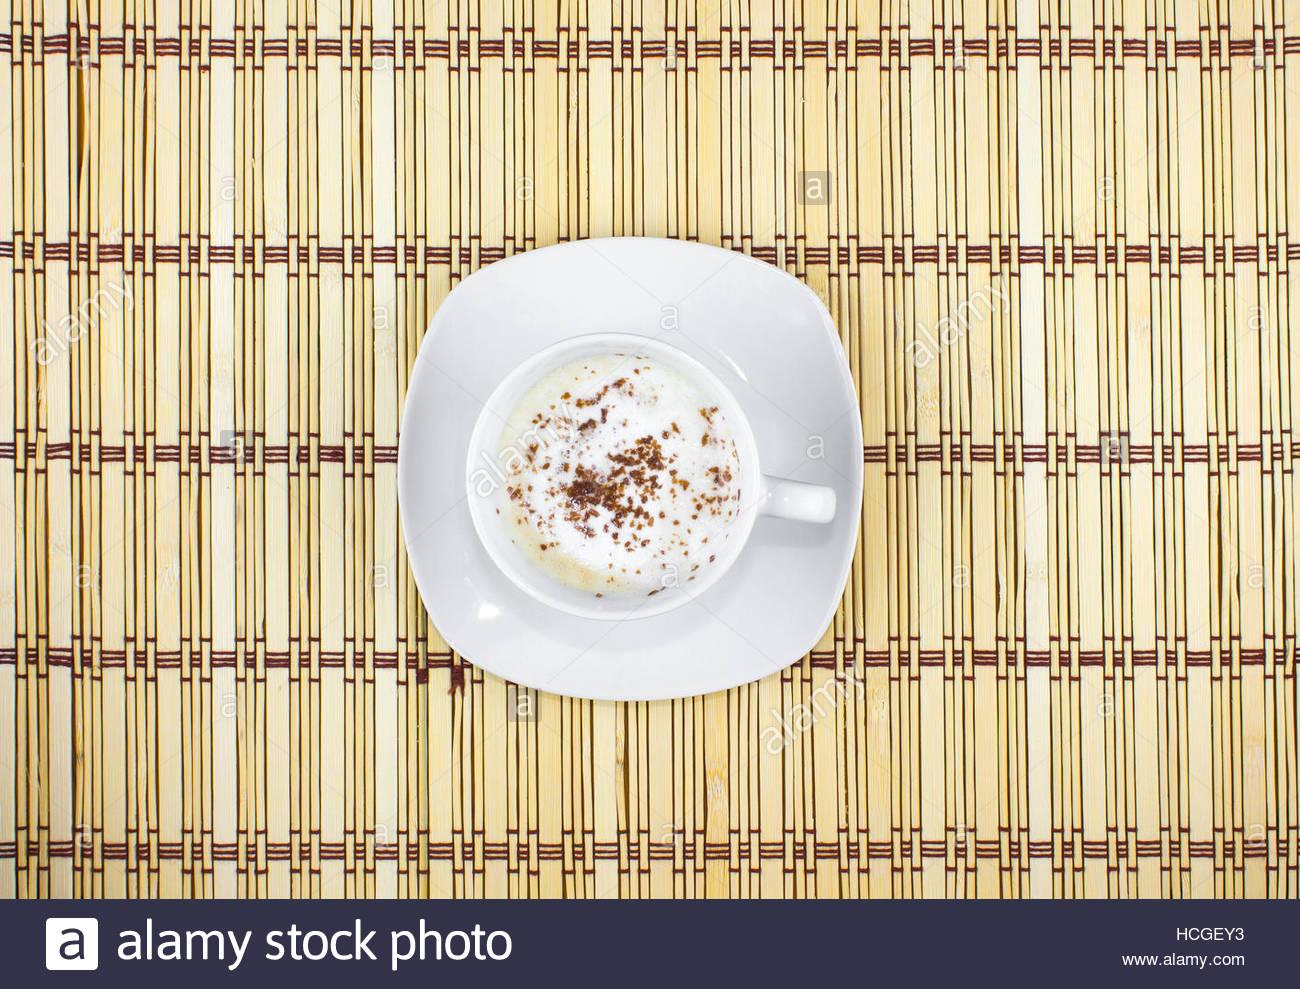 Au-dessus de la tasse de café au lait et lait mousse sur un napperon de couleur beige avec motif géométrique,cappuccino, Banque D'Images